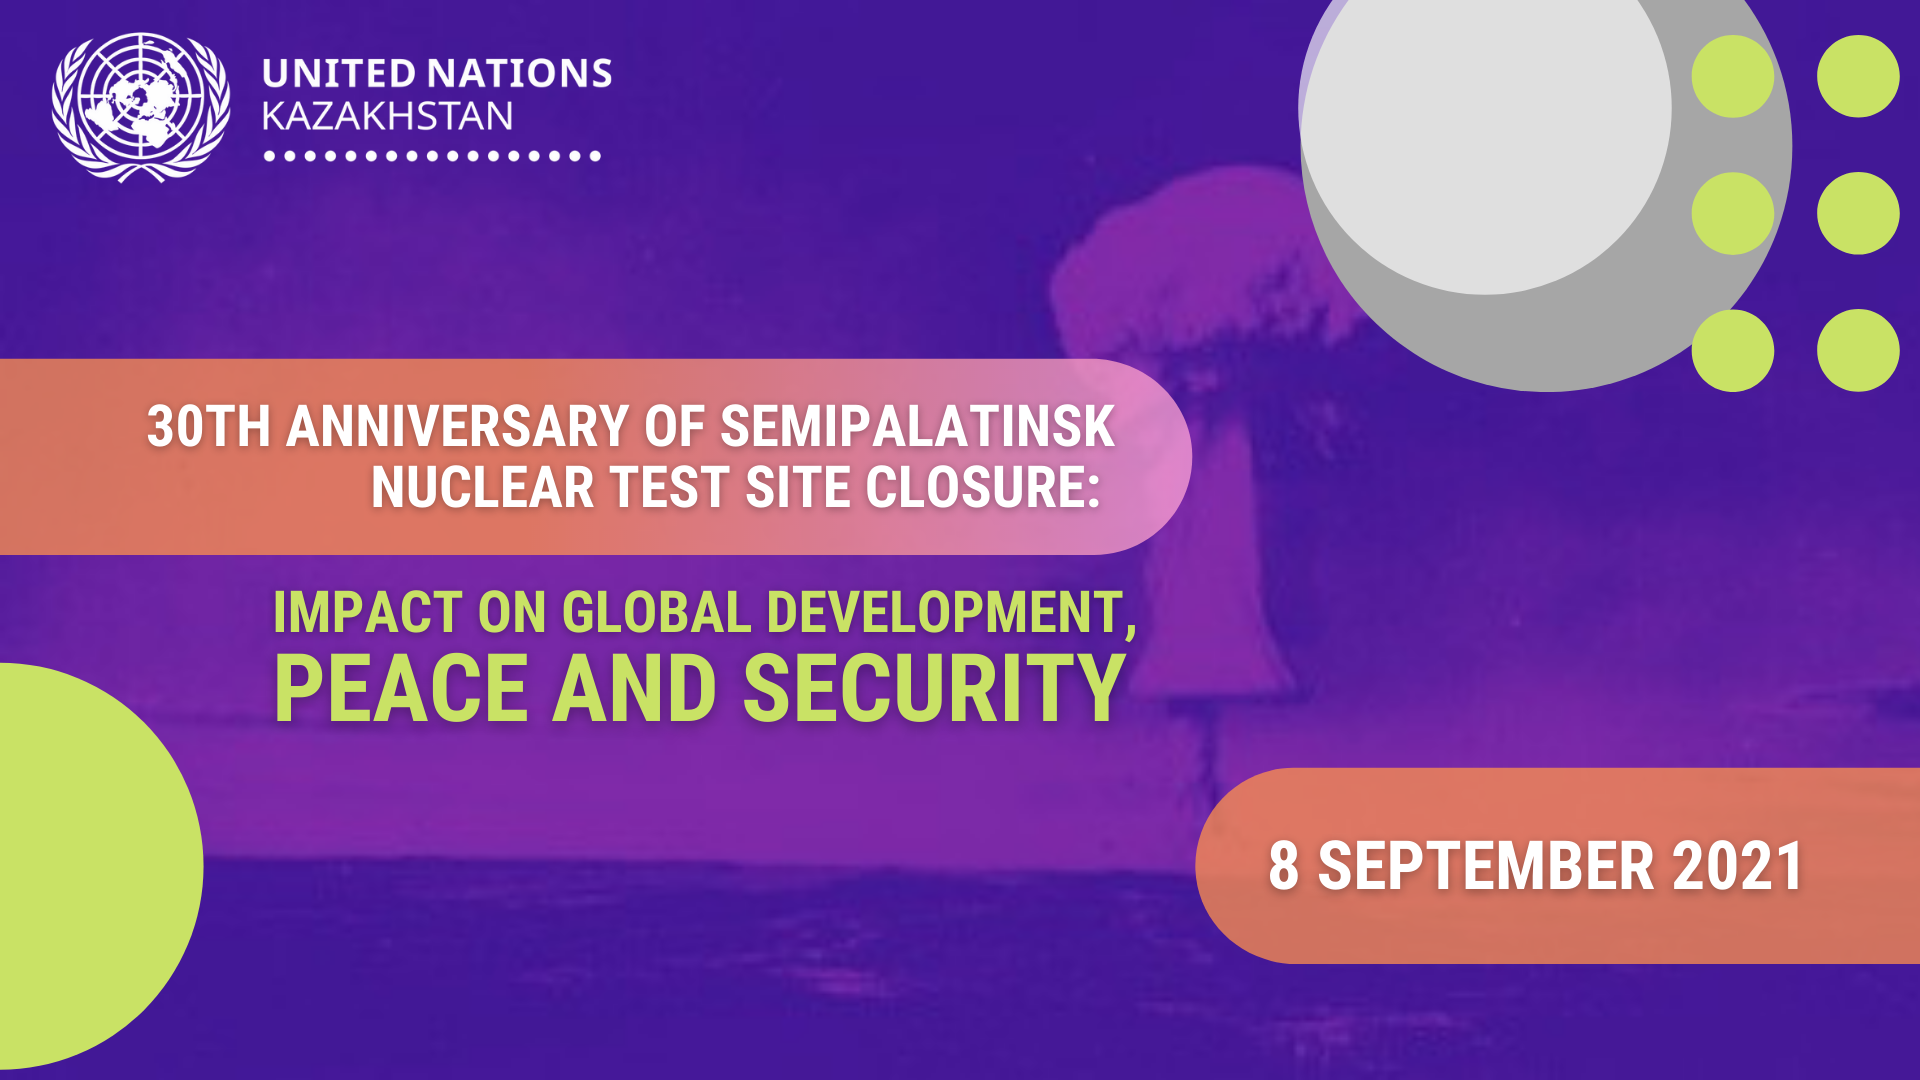 ООН в Казахстане провела круглый стол, посвященный 30-летию закрытия Семипалатинского ядерного полигона